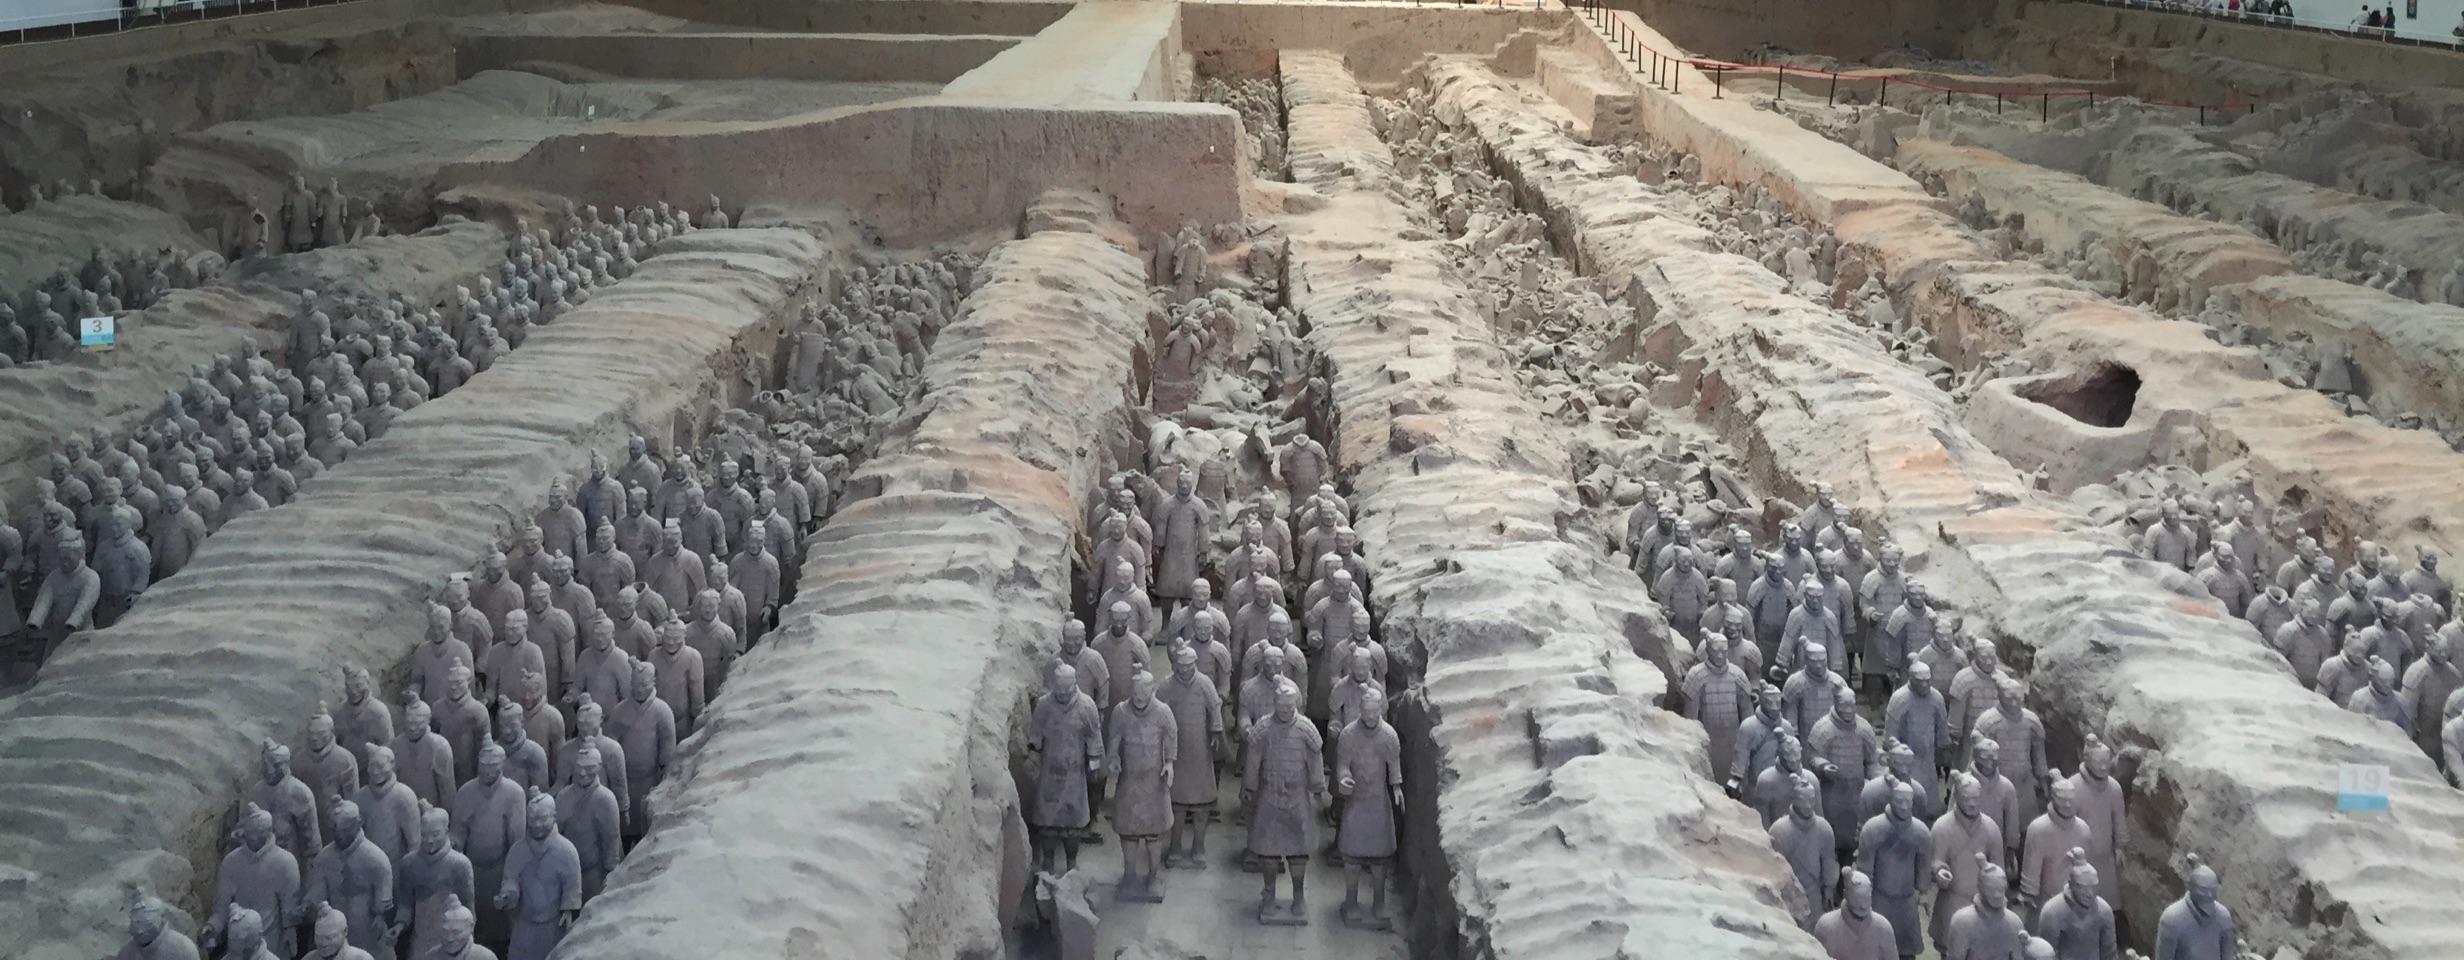 【西安英語拼團】兵馬俑博物館,秦始皇陵遺址公園,半坡遺址拼團一日遊